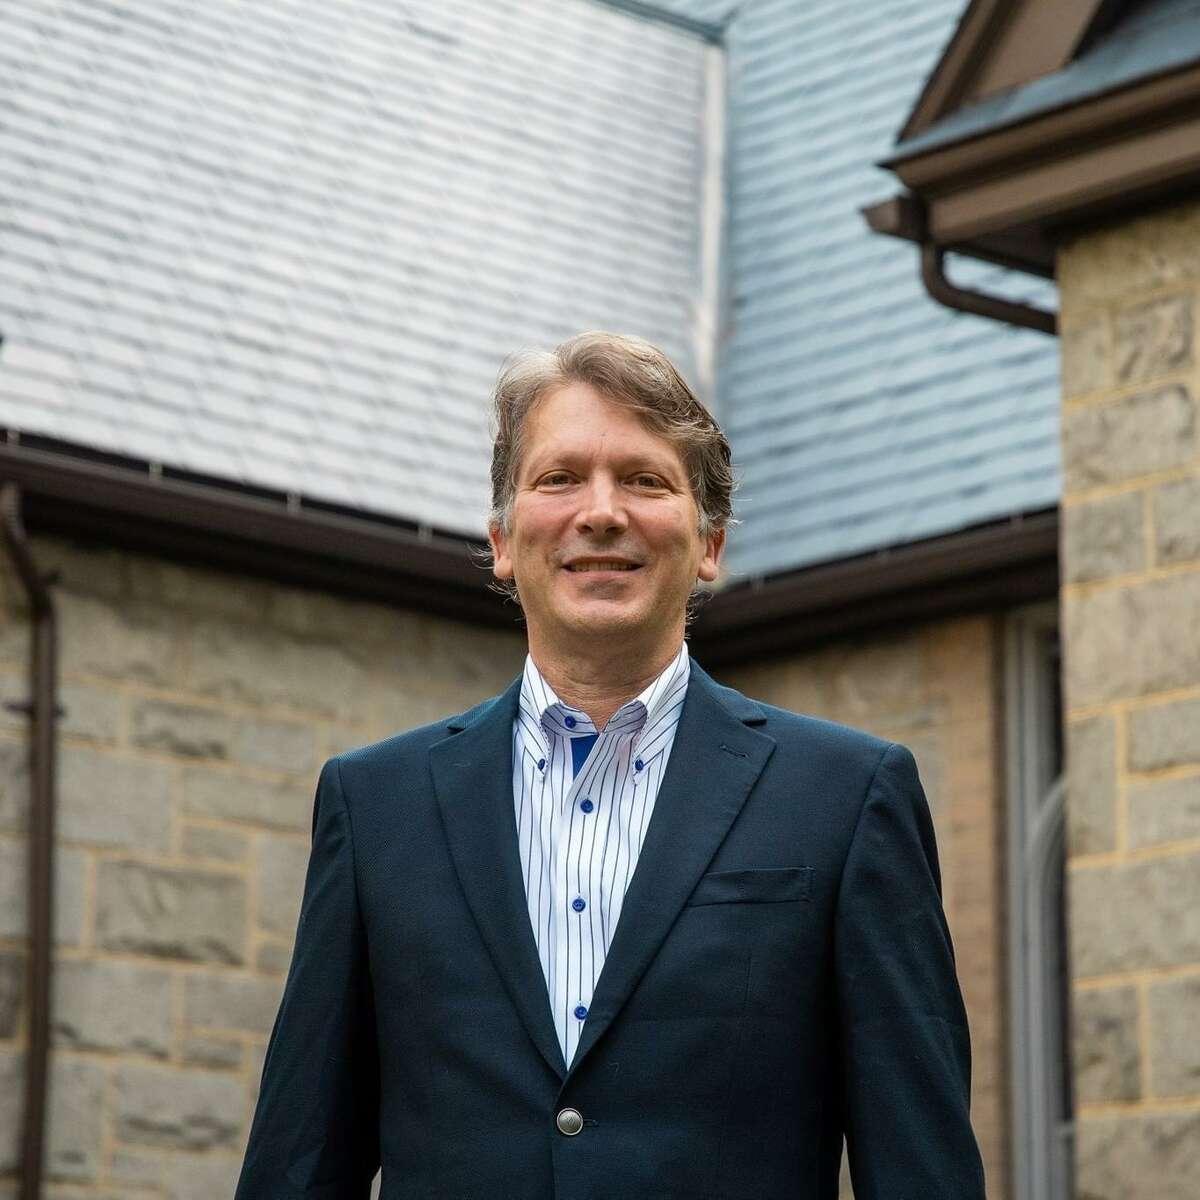 Torrington Democrat Stephen Ivain is running for mayor.